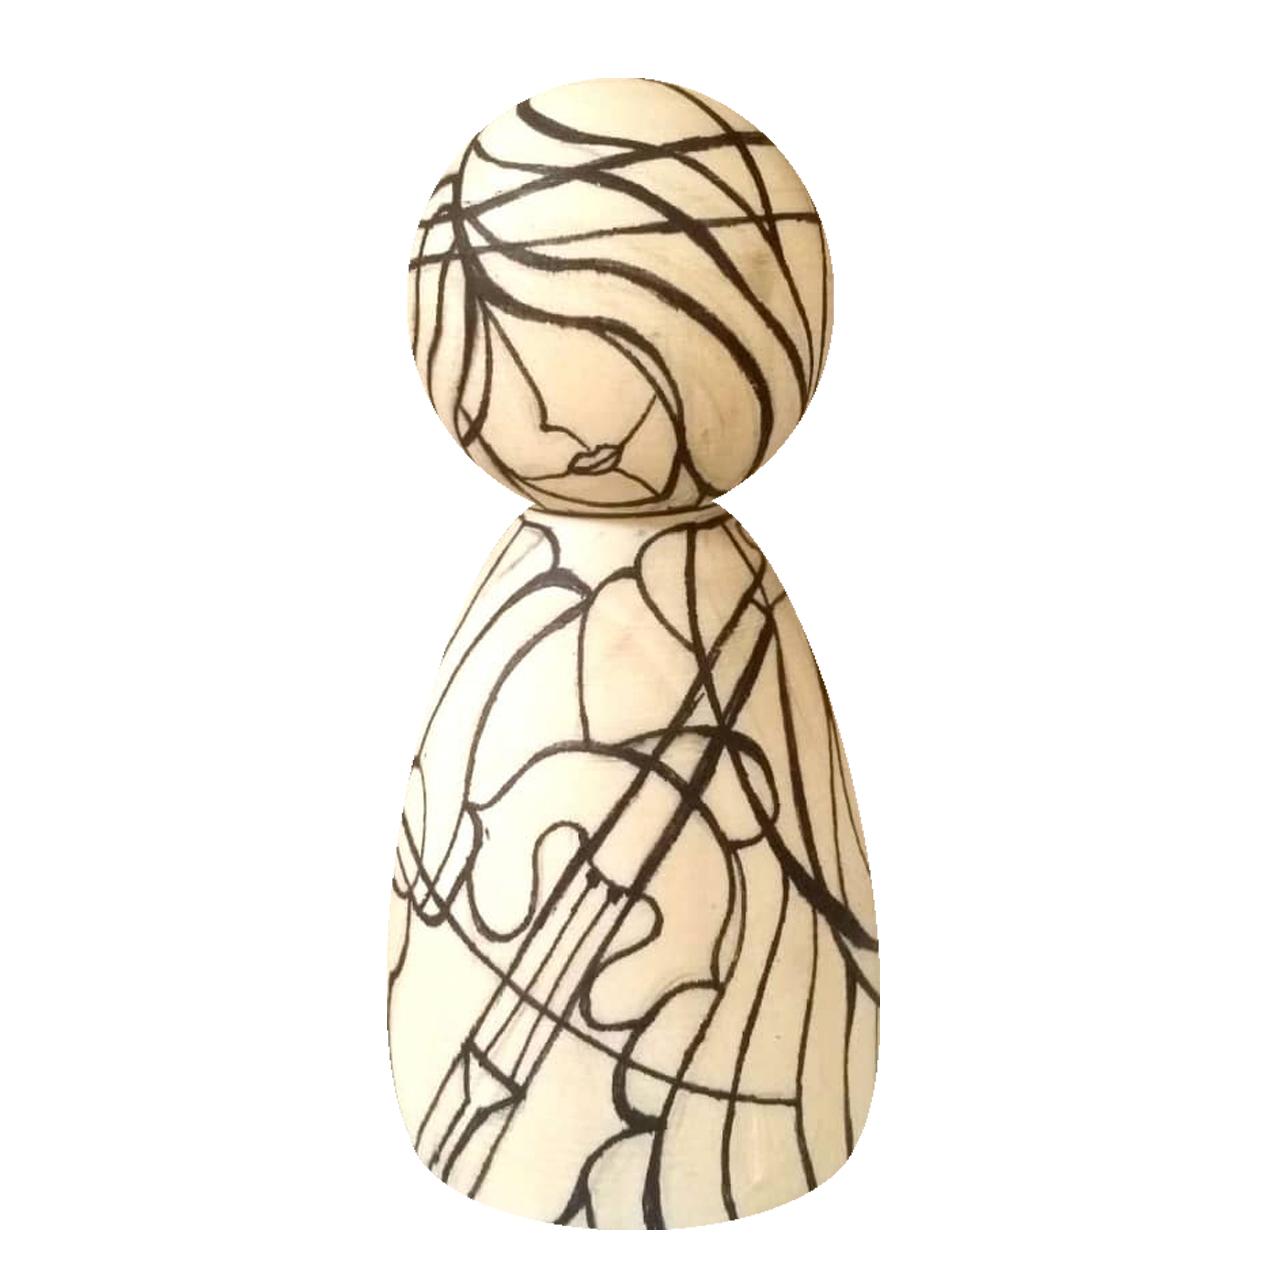 مجسمه چوبی مدل مودترکر ویولن کد01dmoodv